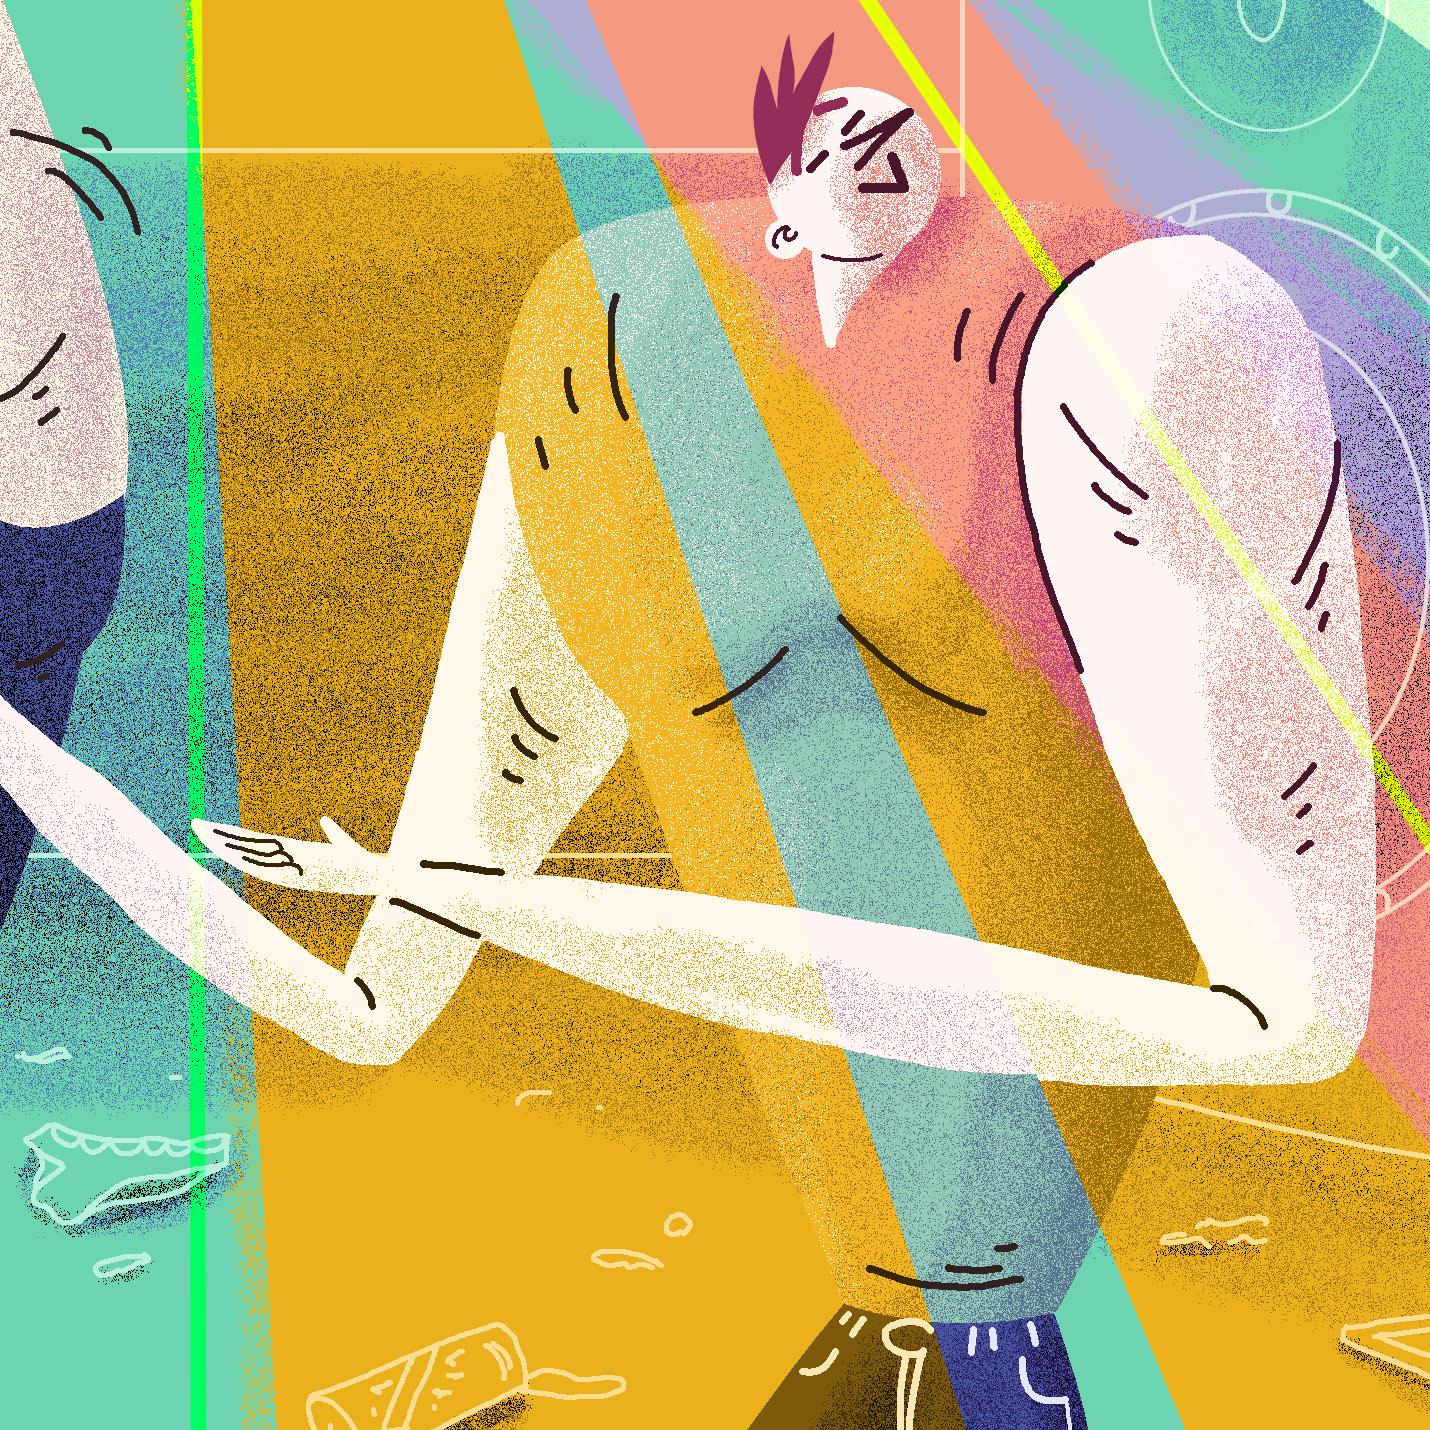 Detalle ilustración bailando en la disco